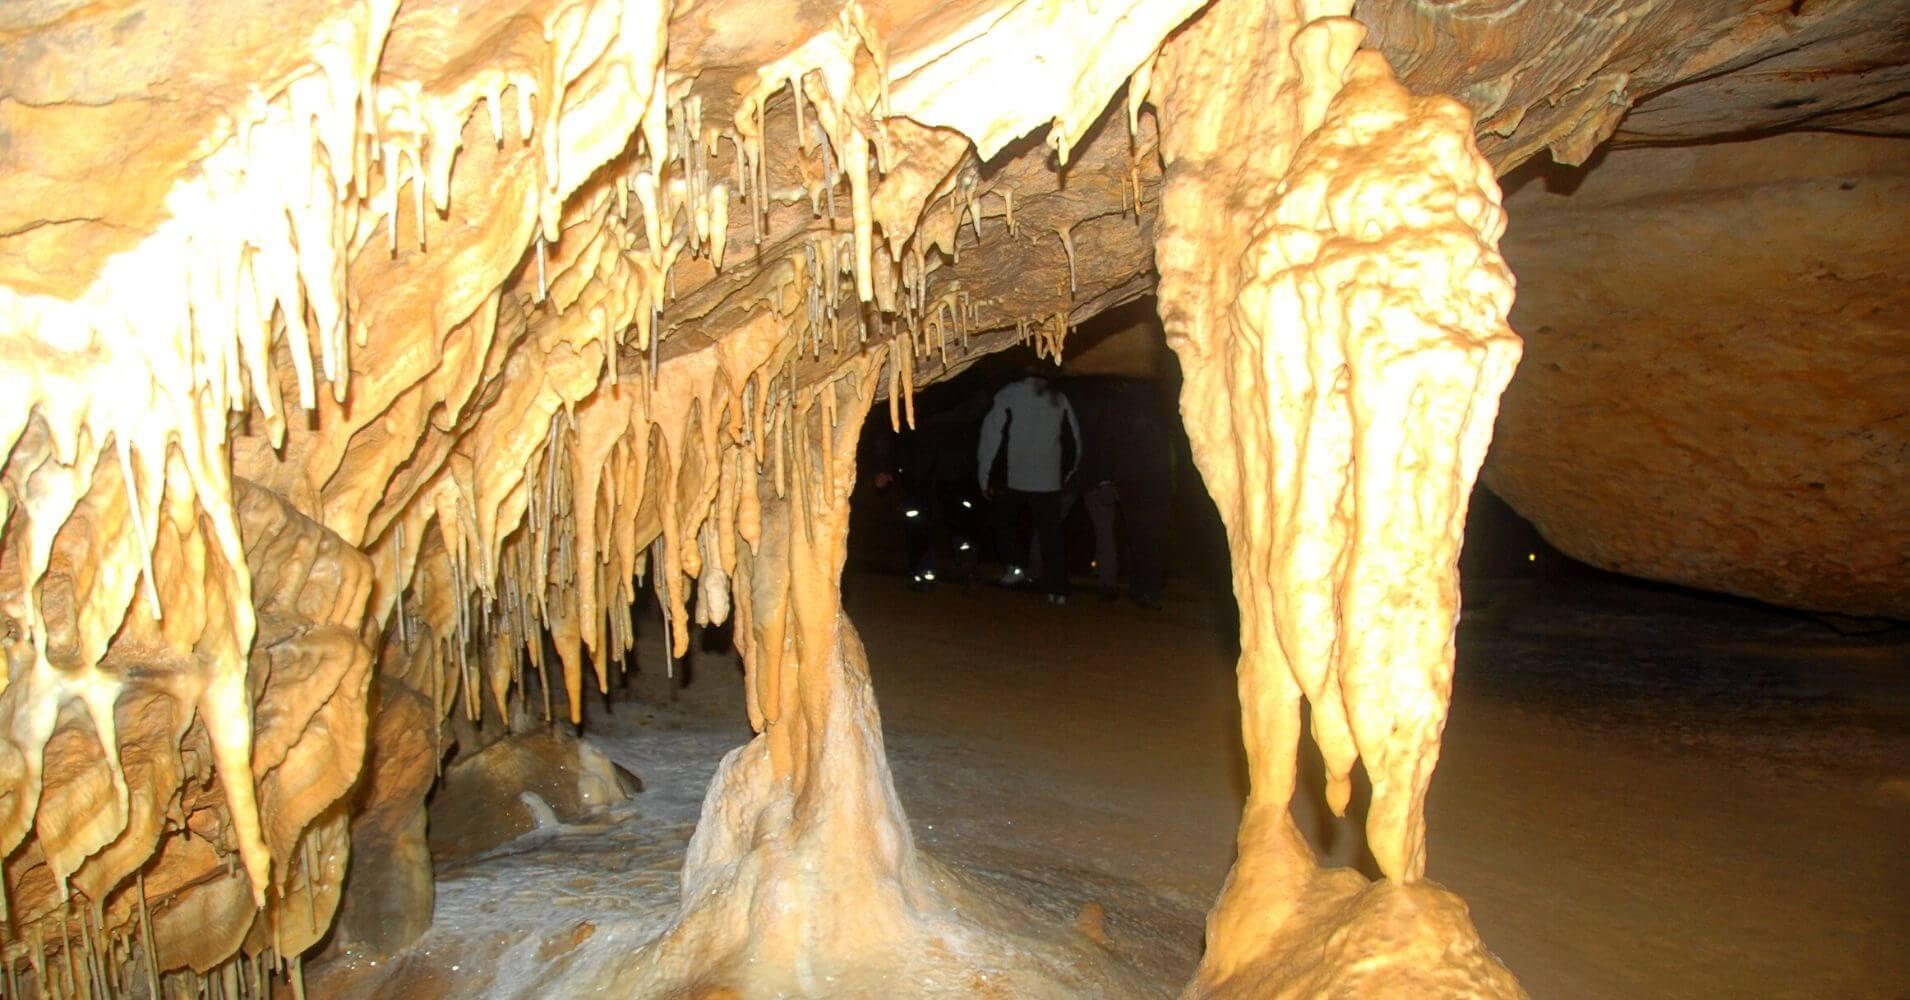 Sala del Cacique. Cueva Palomera. Las Merindades, Complejo Kárstico de Ojo Guareña. Burgos, Castilla y León.